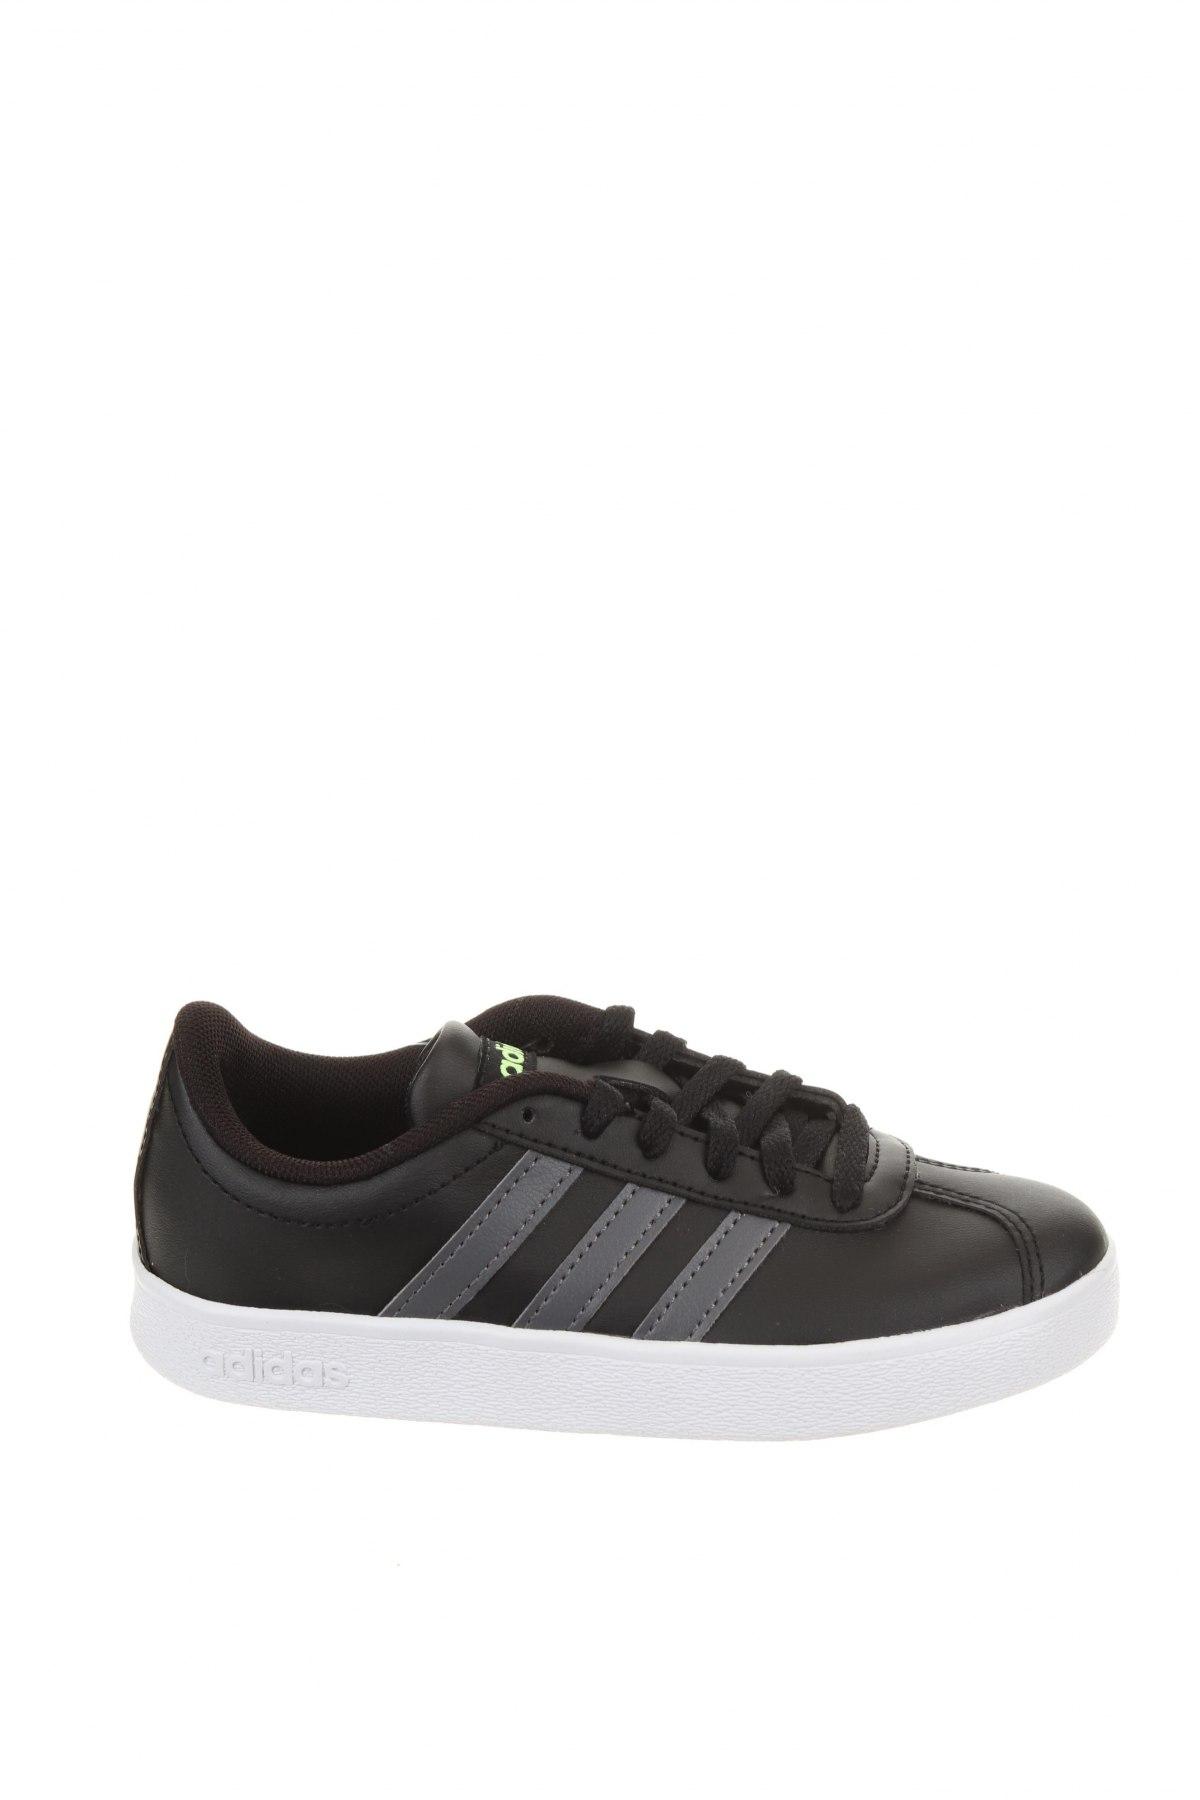 Детски обувки Adidas, Размер 30, Цвят Черен, Еко кожа, Цена 44,70лв.